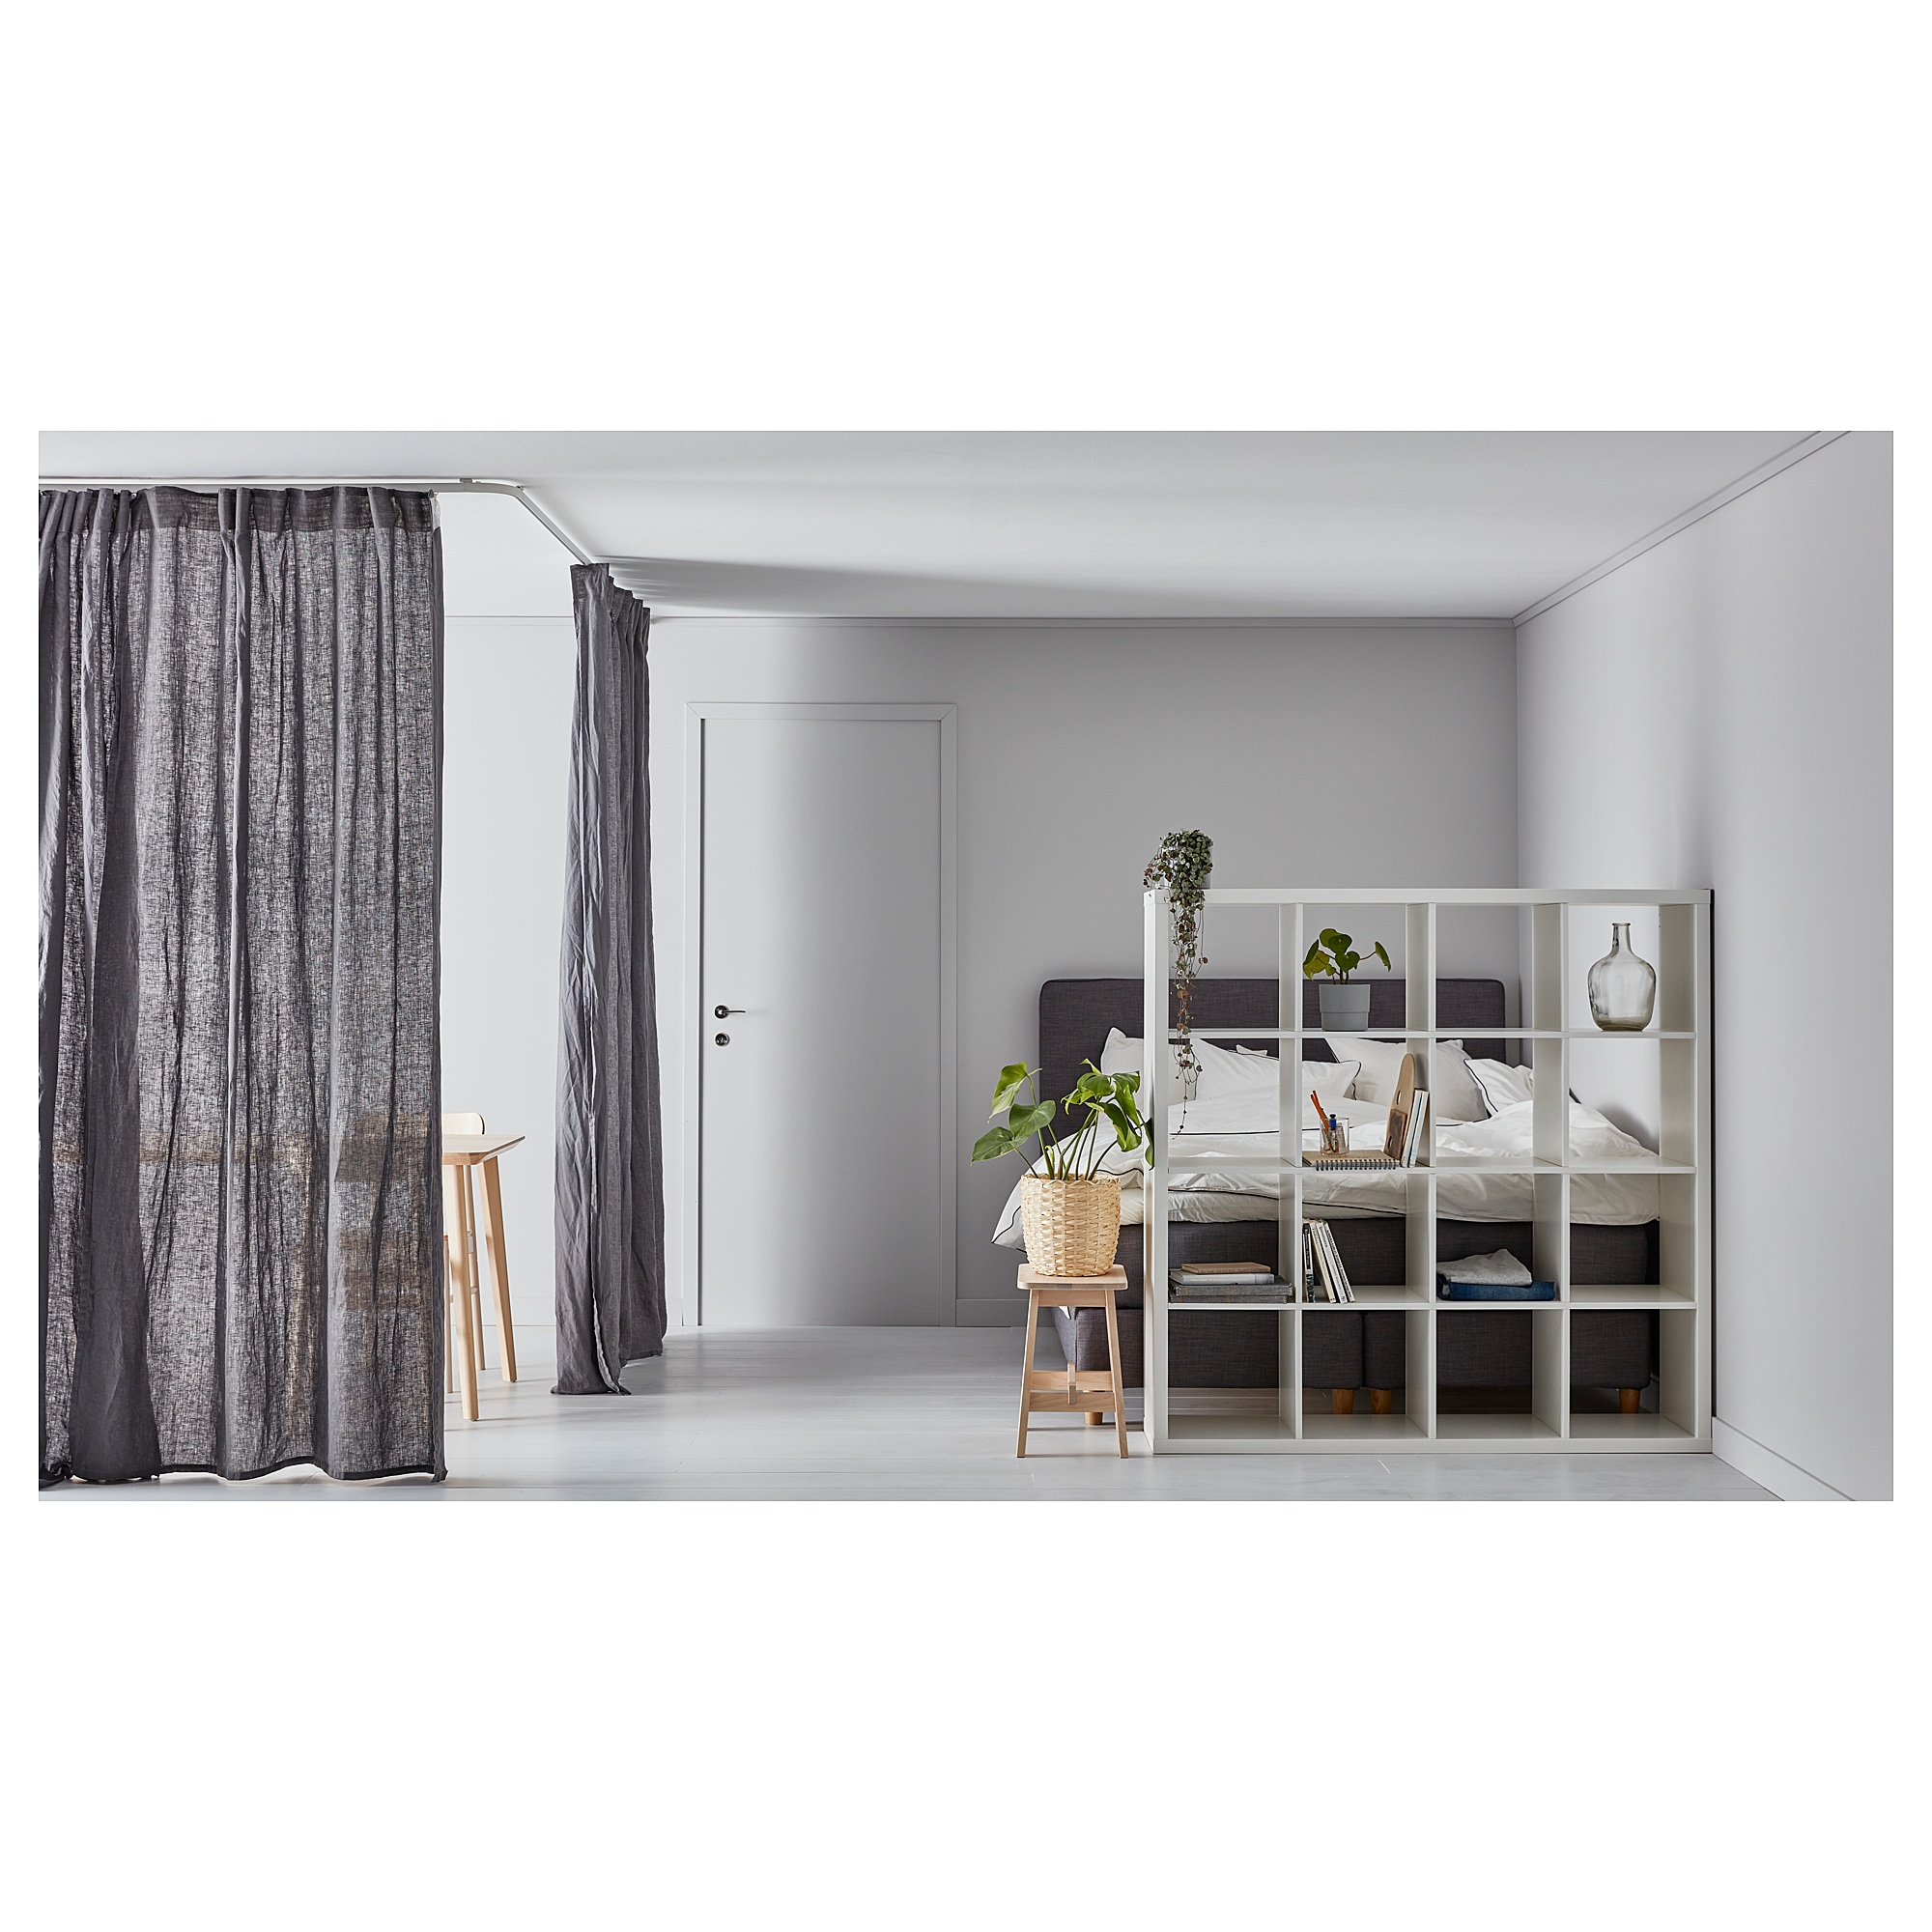 Full Size of Ikea Miniküche Betten Bei 160x200 Regal Raumteiler Sofa Mit Schlaffunktion Küche Kosten Kaufen Modulküche Wohnzimmer Ikea Raumteiler